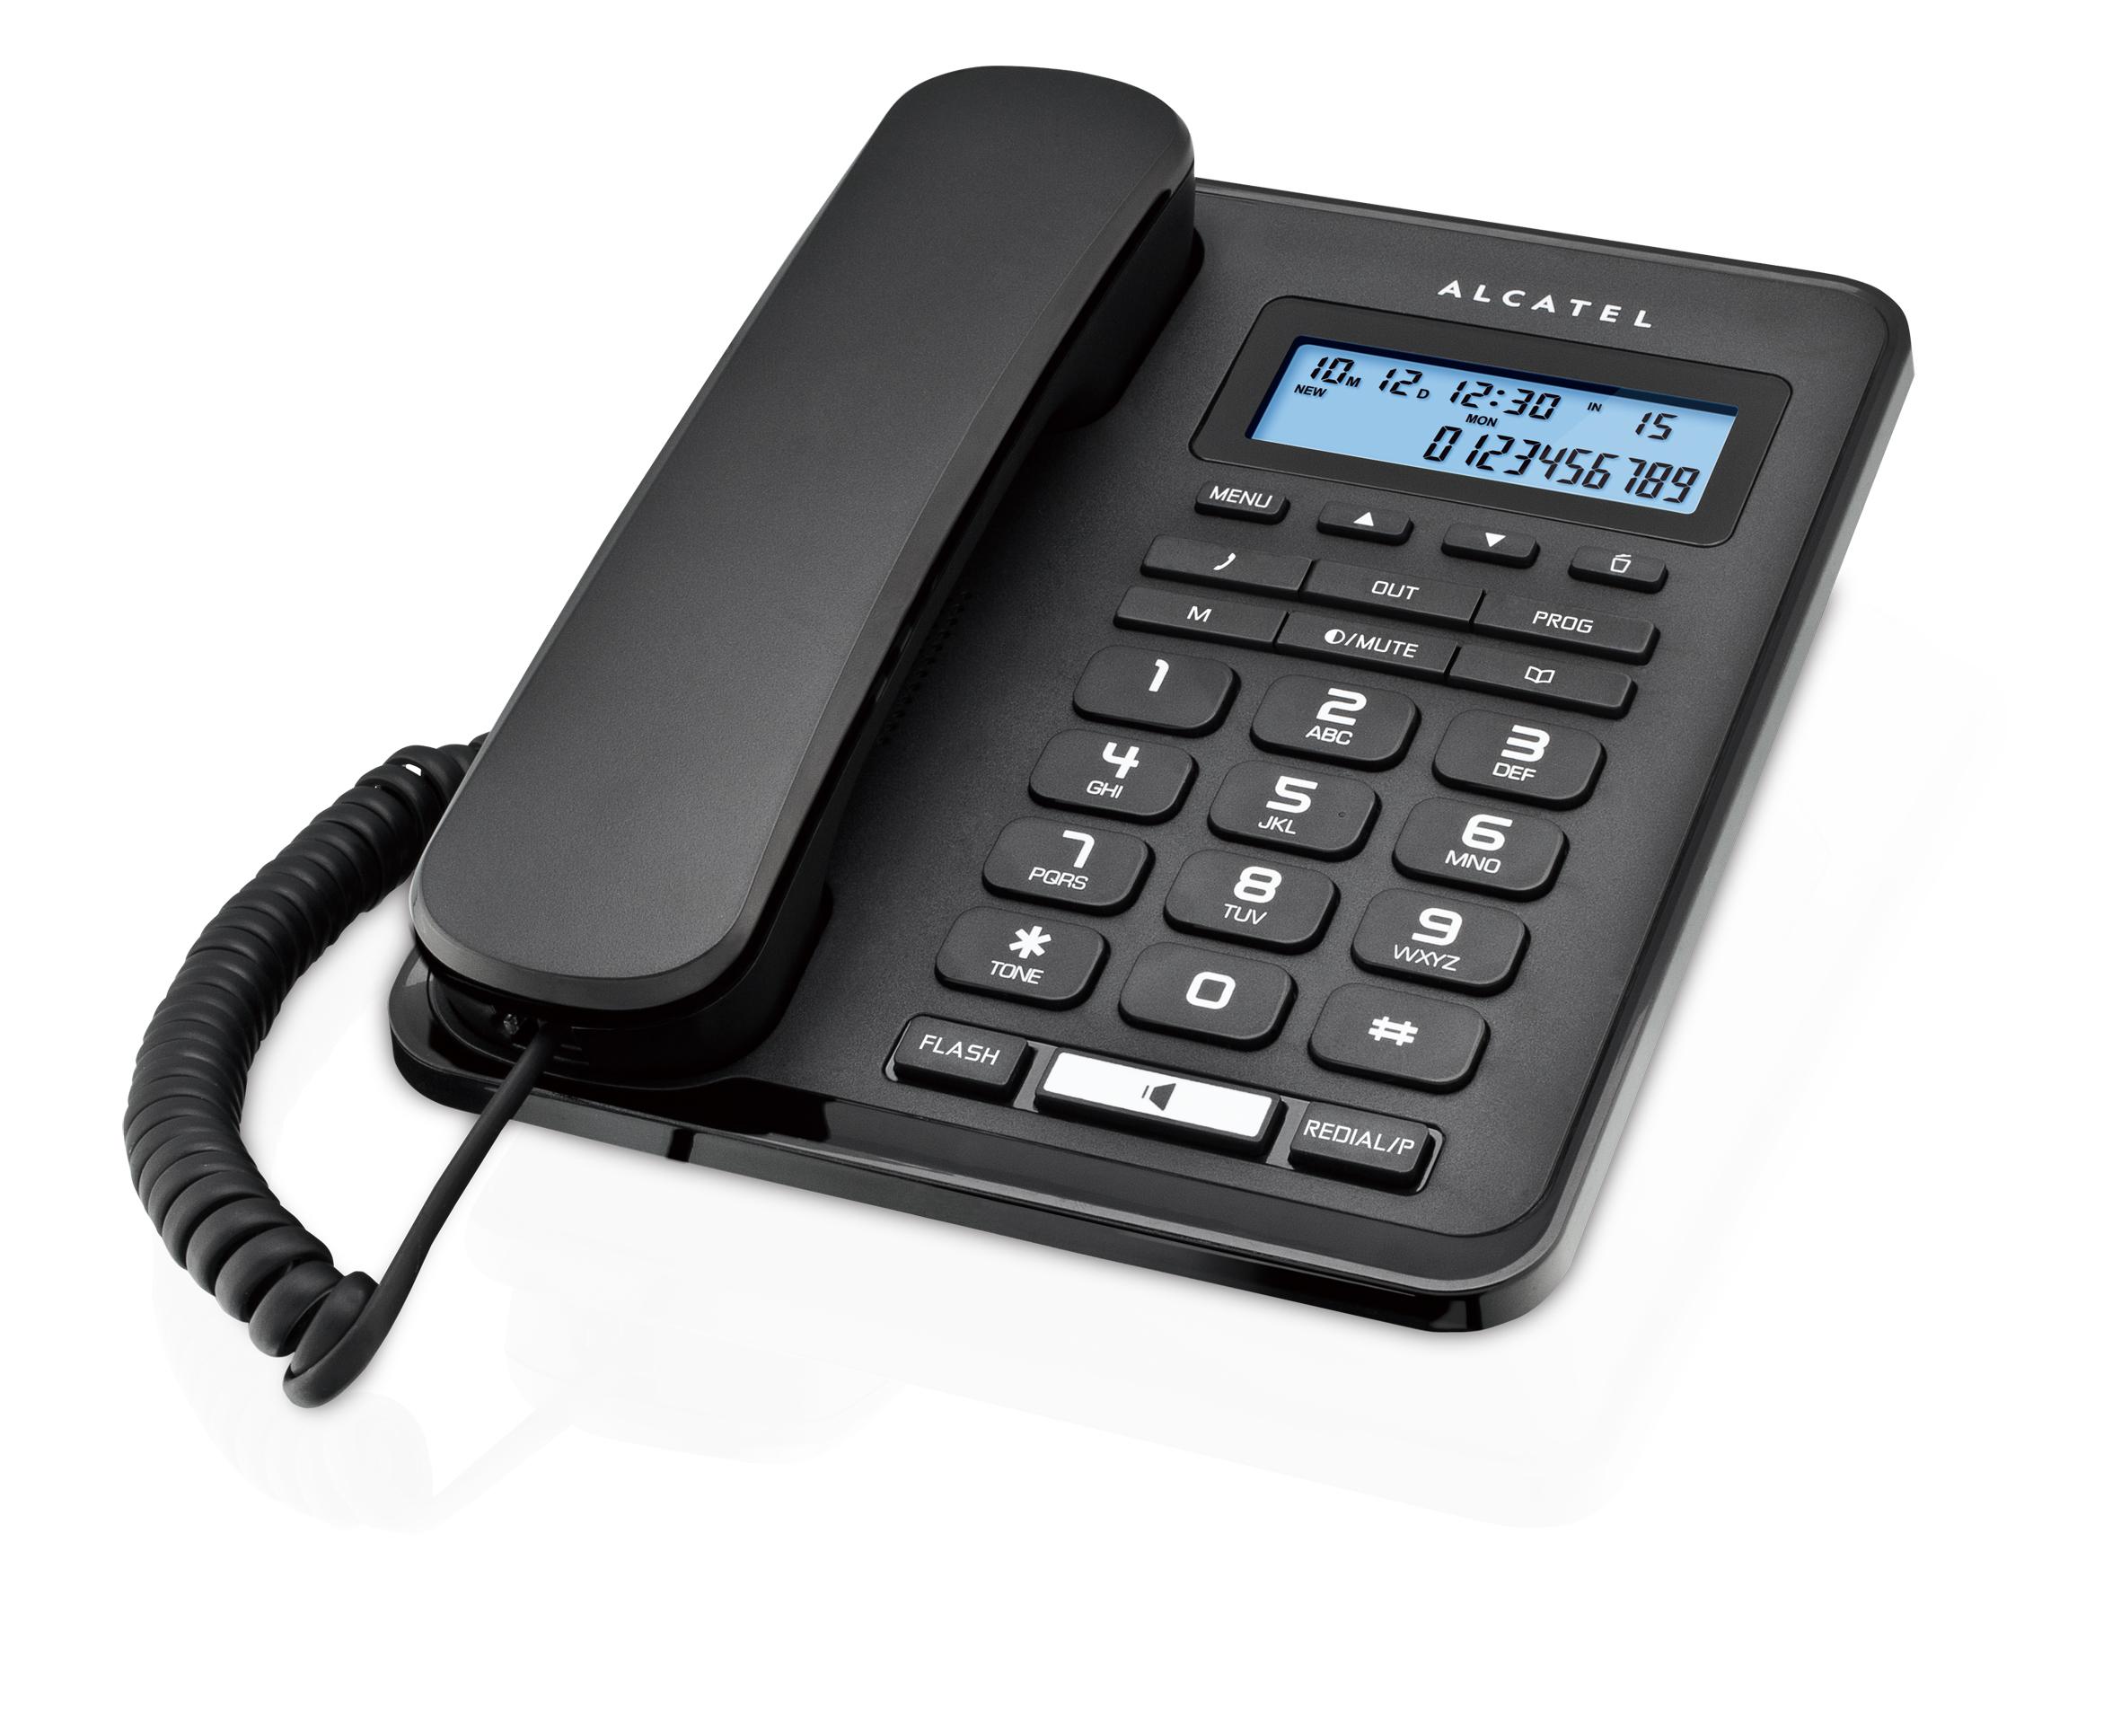 Τηλεφωνική συσκευή αναλογική Alcatel T50